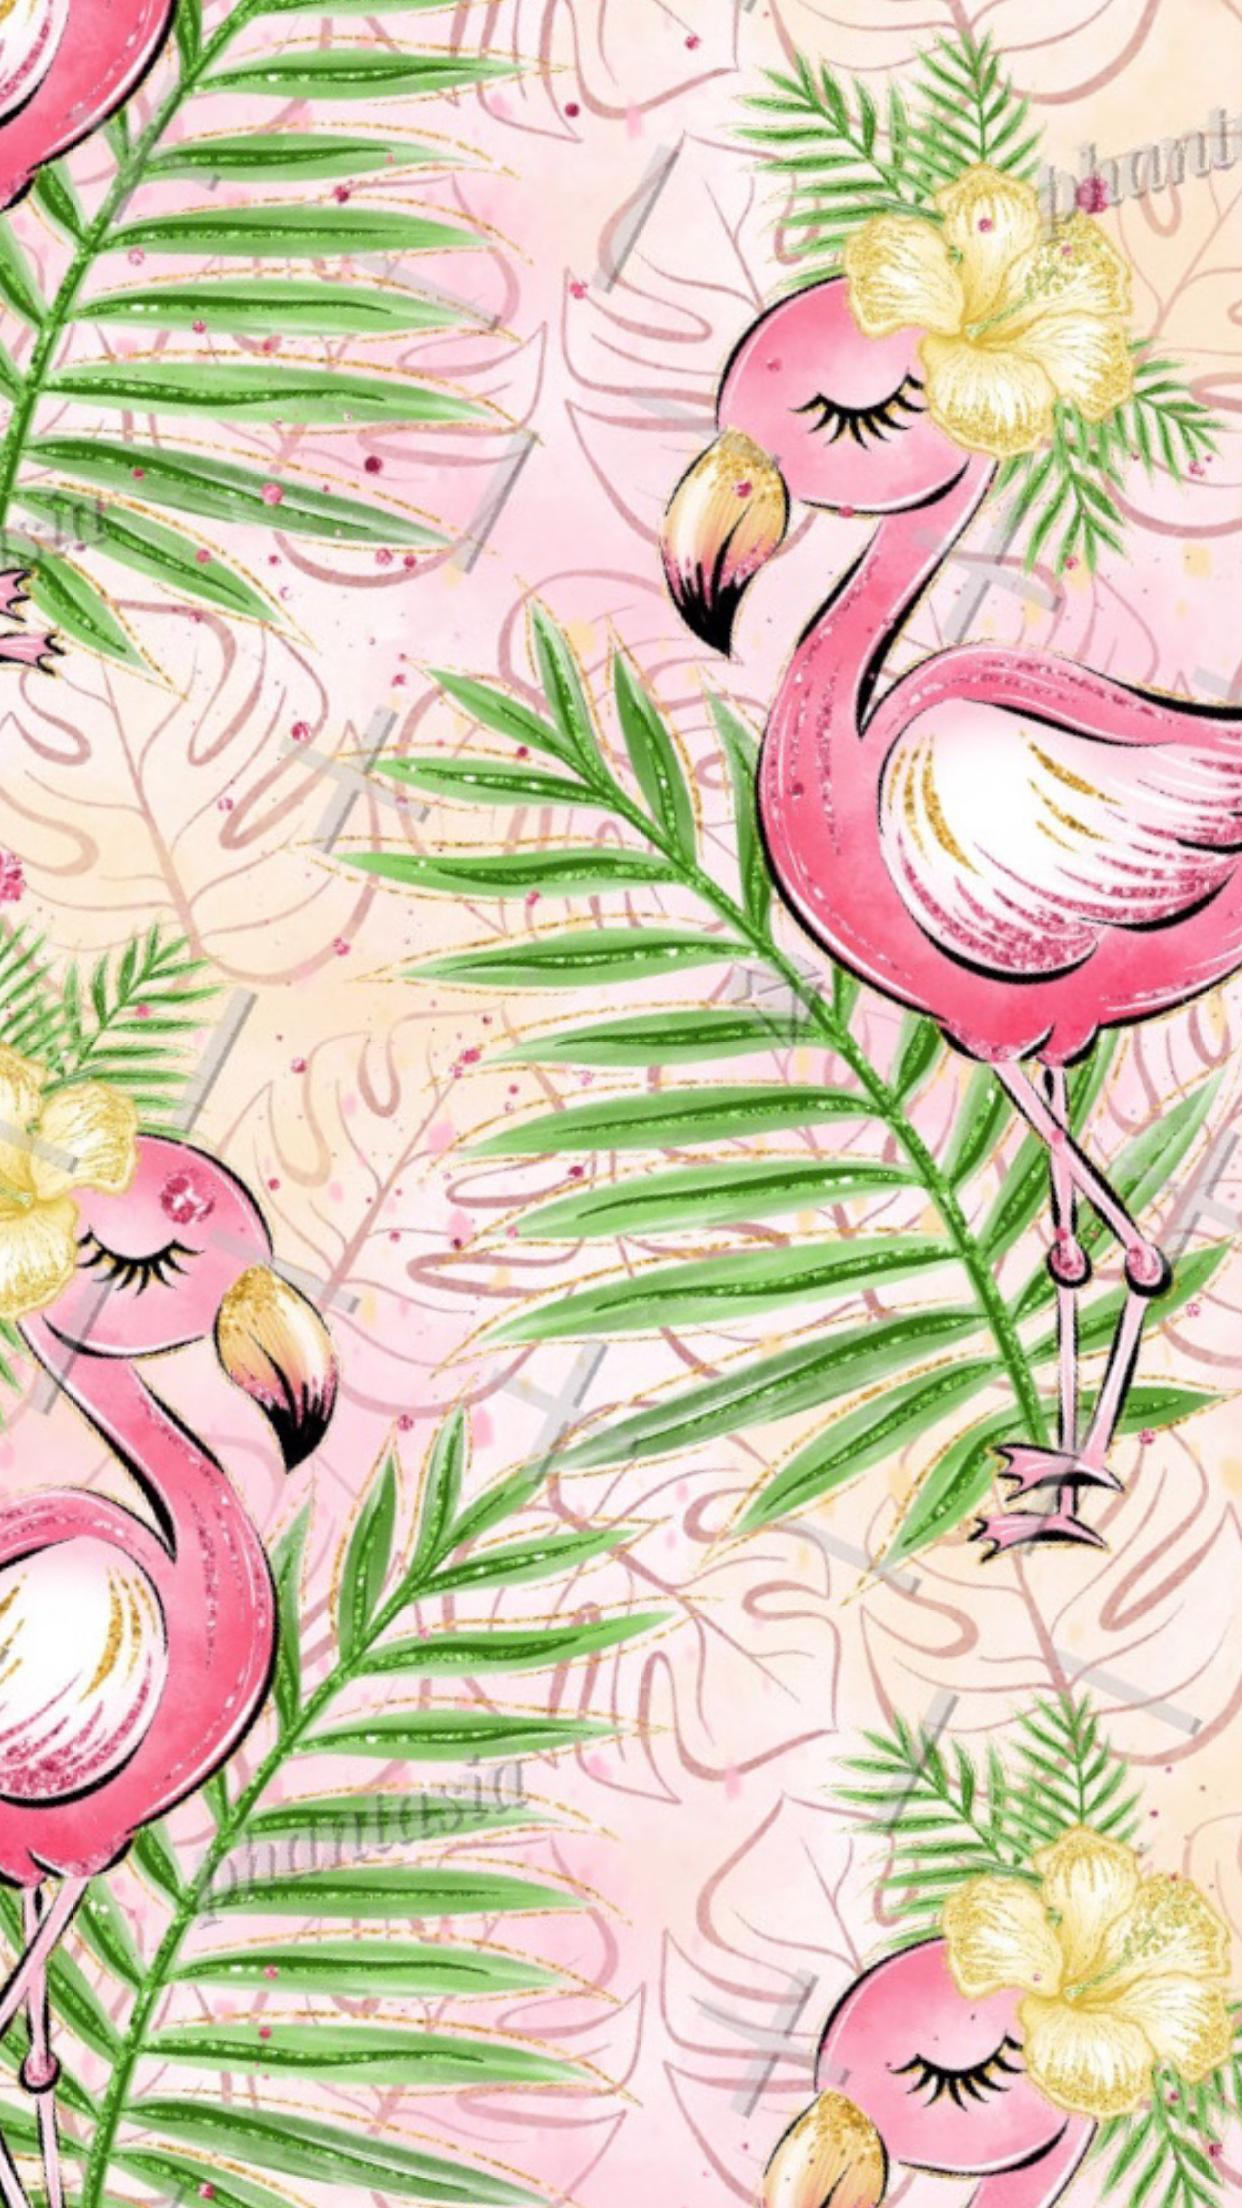 Beau Coloriage à Imprimer Arielle La Petite Sirène